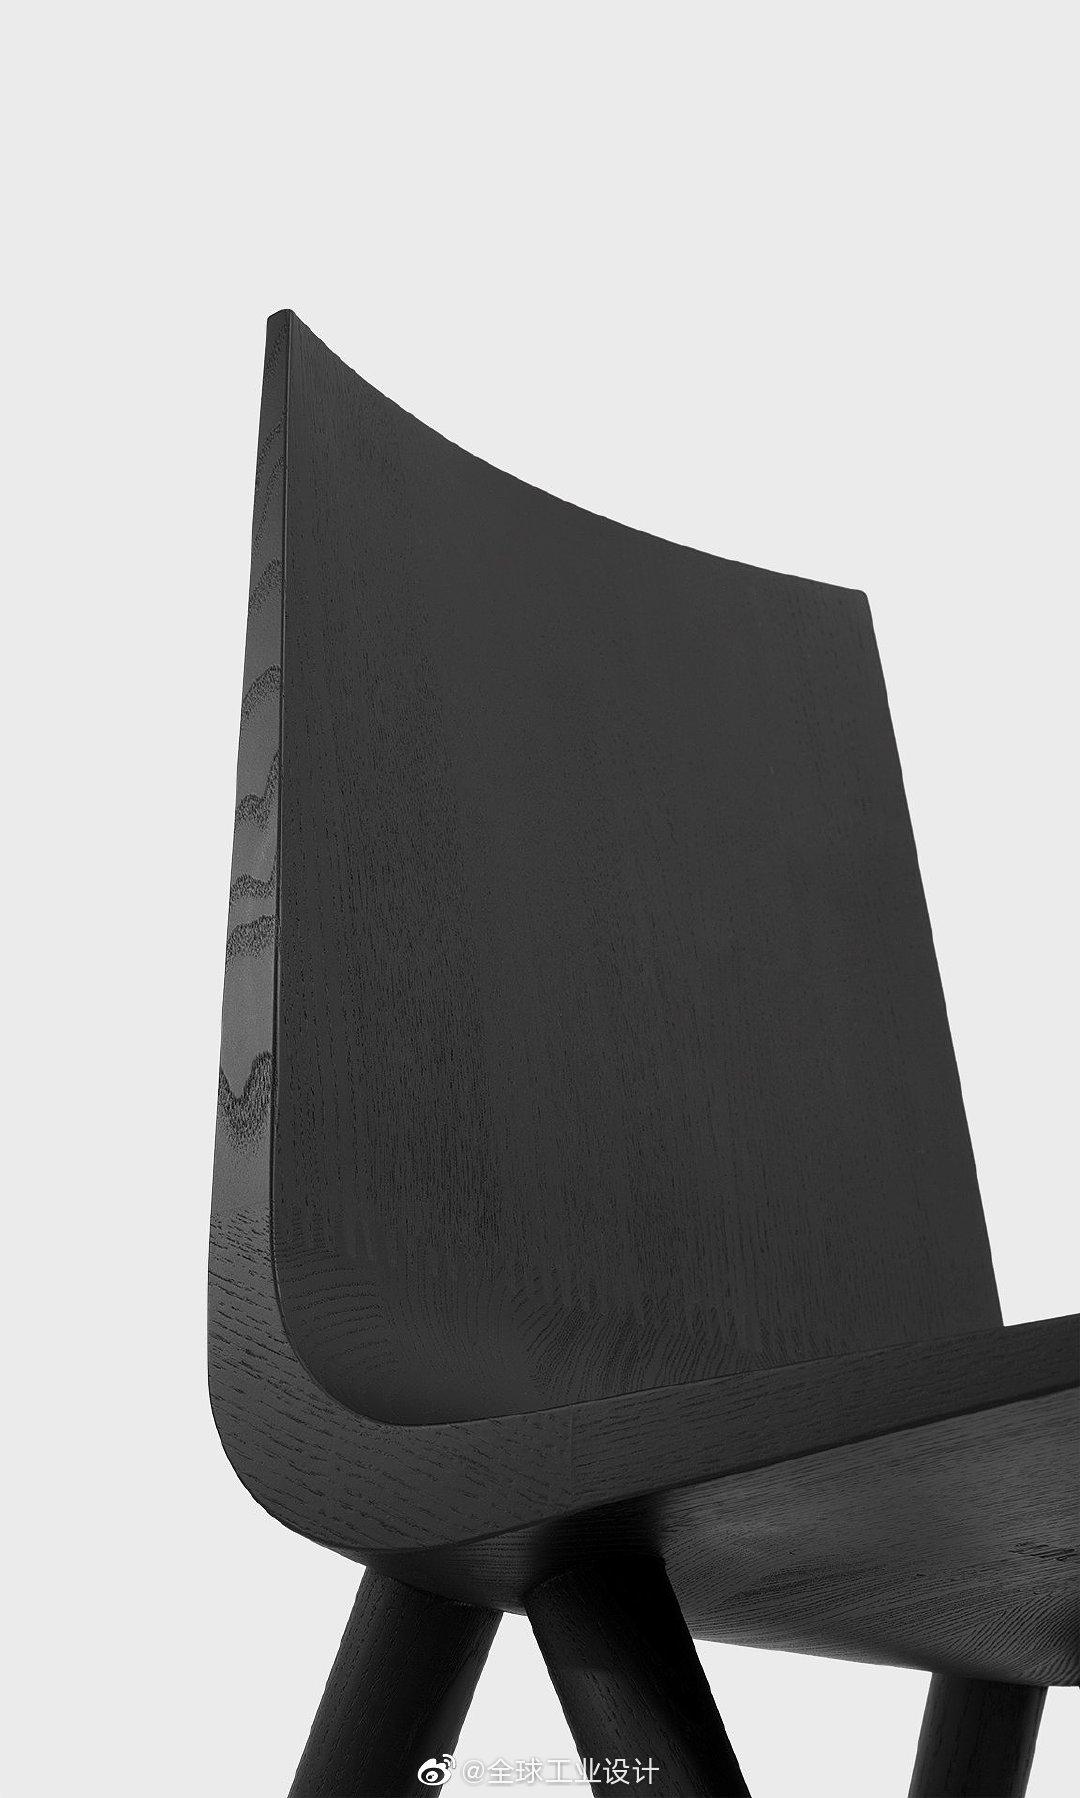 独特流线型简约椅 - Cresta